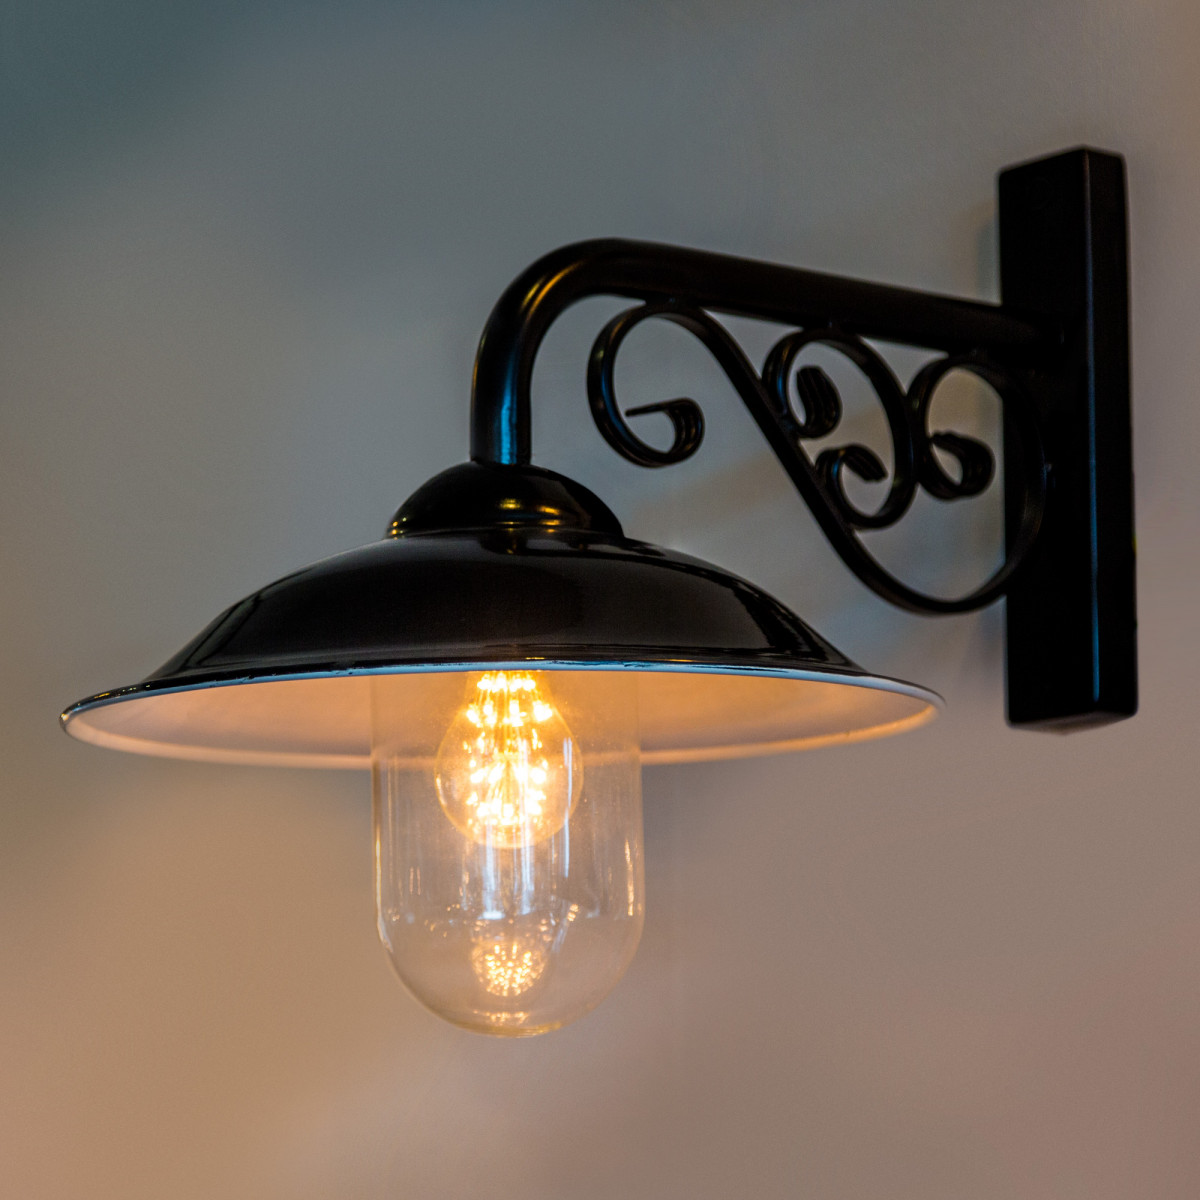 Stationslamp, Zwart (1260) - KS Verlichting - Buitenverlichting Rond